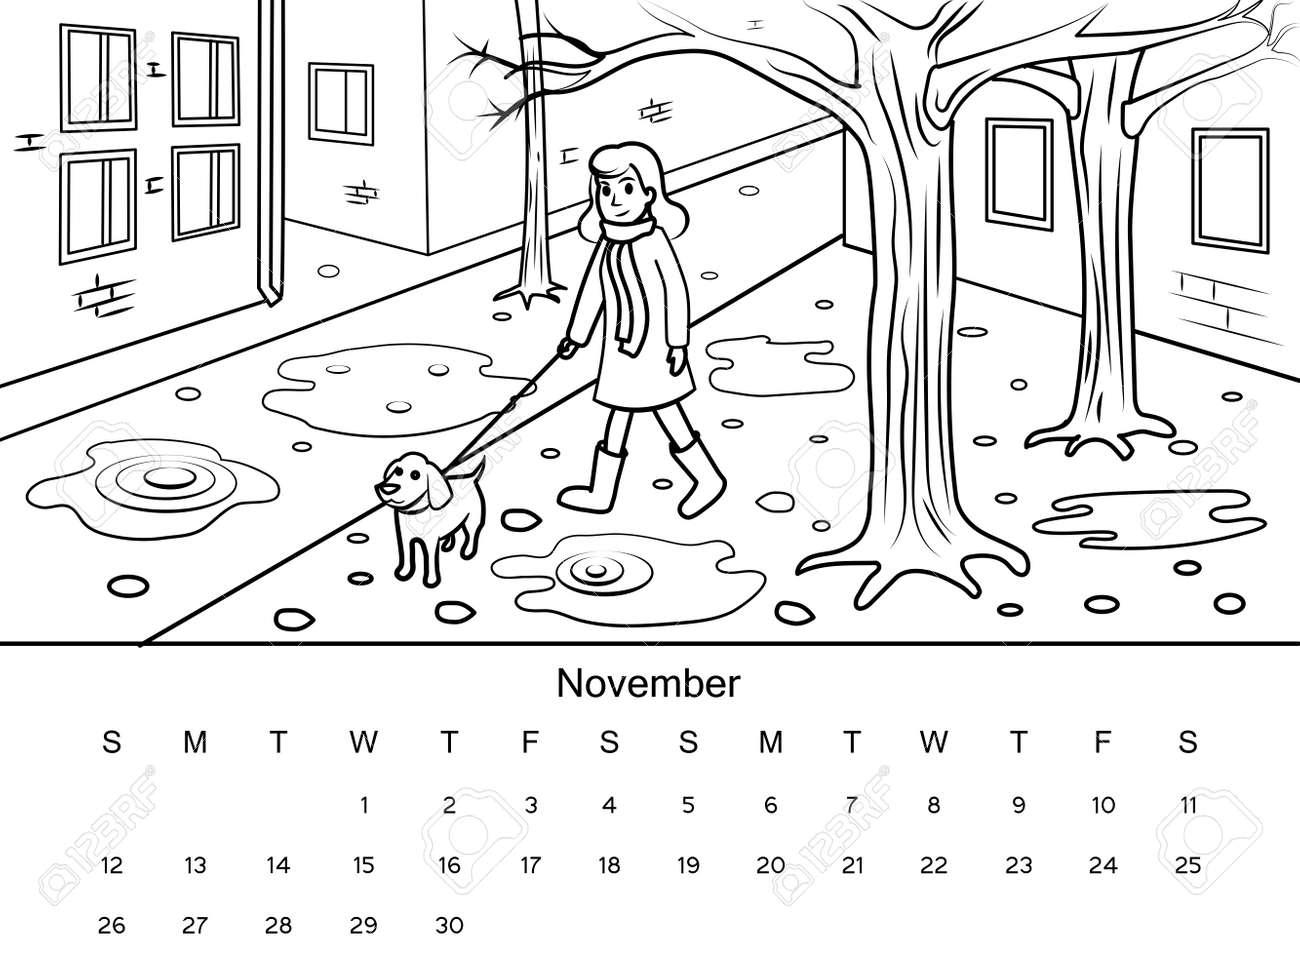 Calendario Dibujo Blanco Y Negro.Calendario Noviembre De Imagen De Libro Para Colorear Con Dibujo En Blanco Y Negro Ilustracion Vectorial De Dibujado A Mano De Dibujos Animados